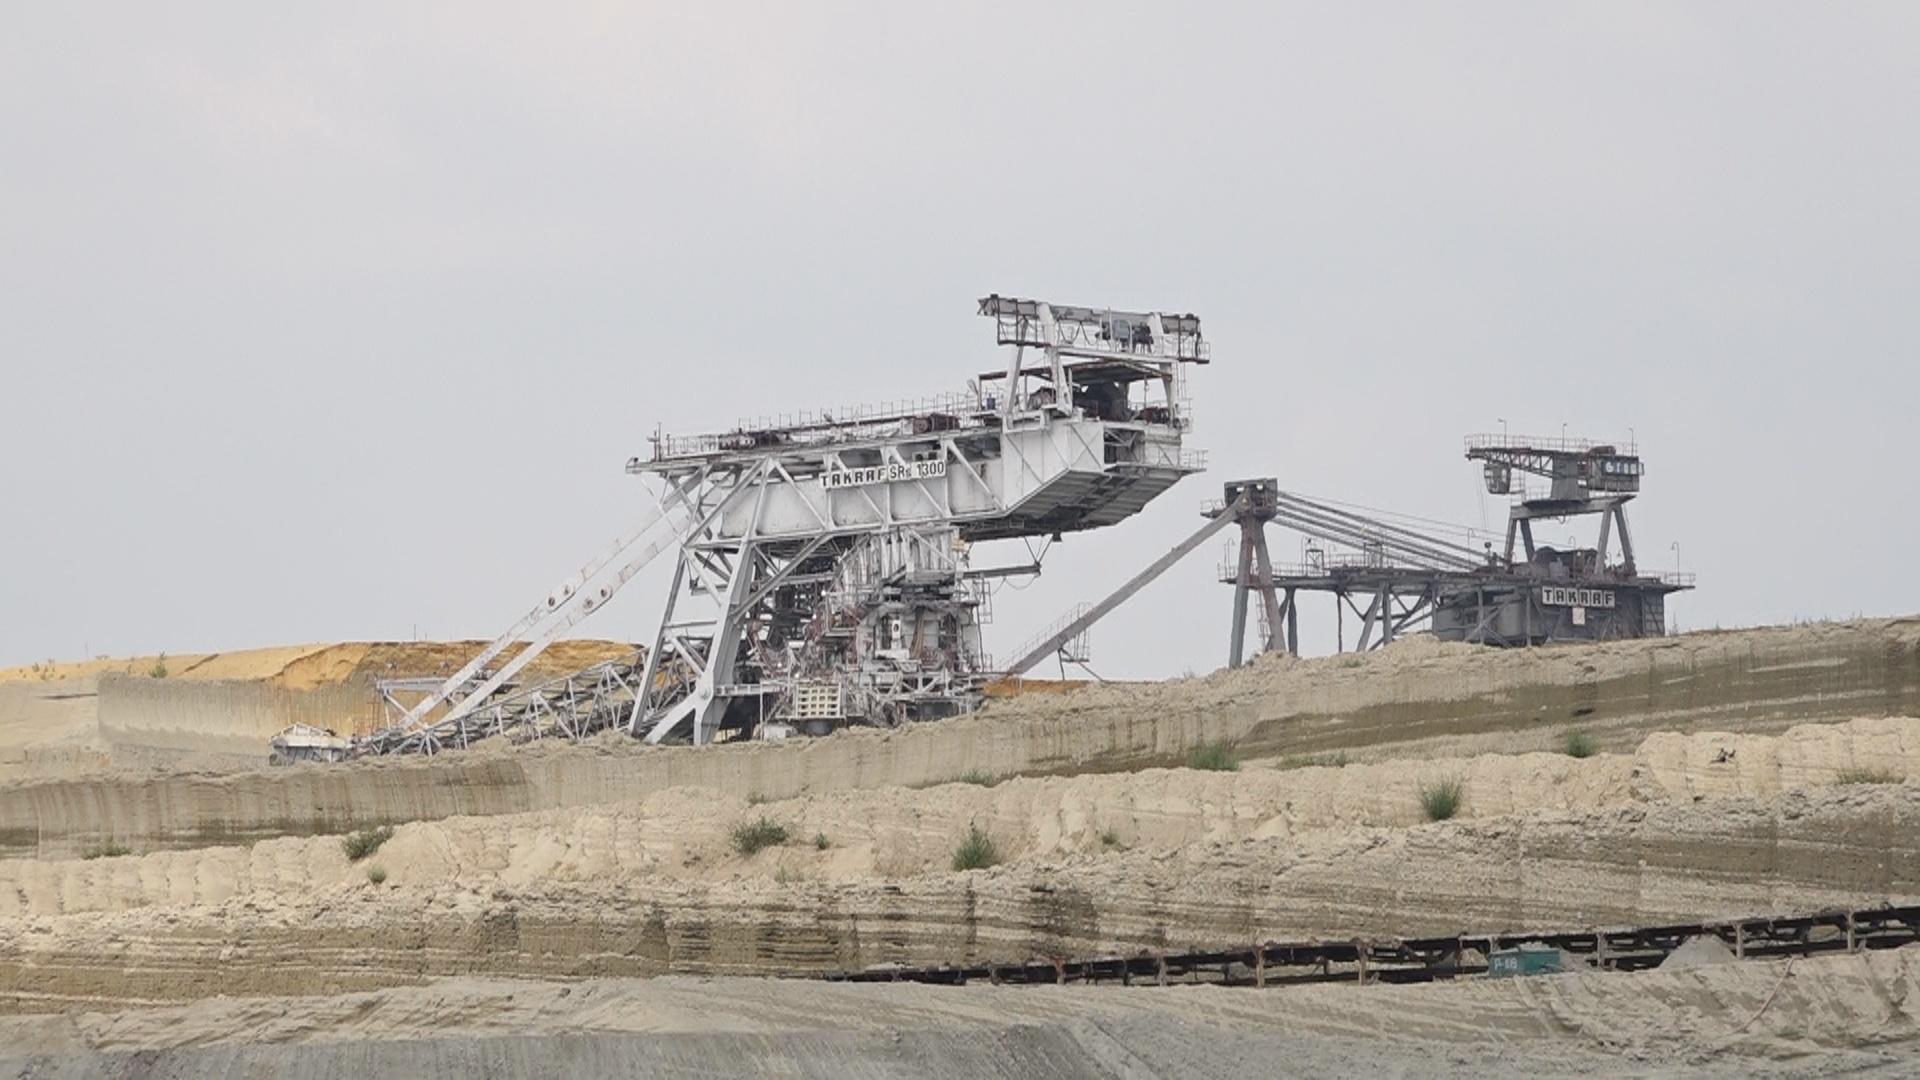 Viminacijska flota na ugljenokopu u Kostolcu 31657